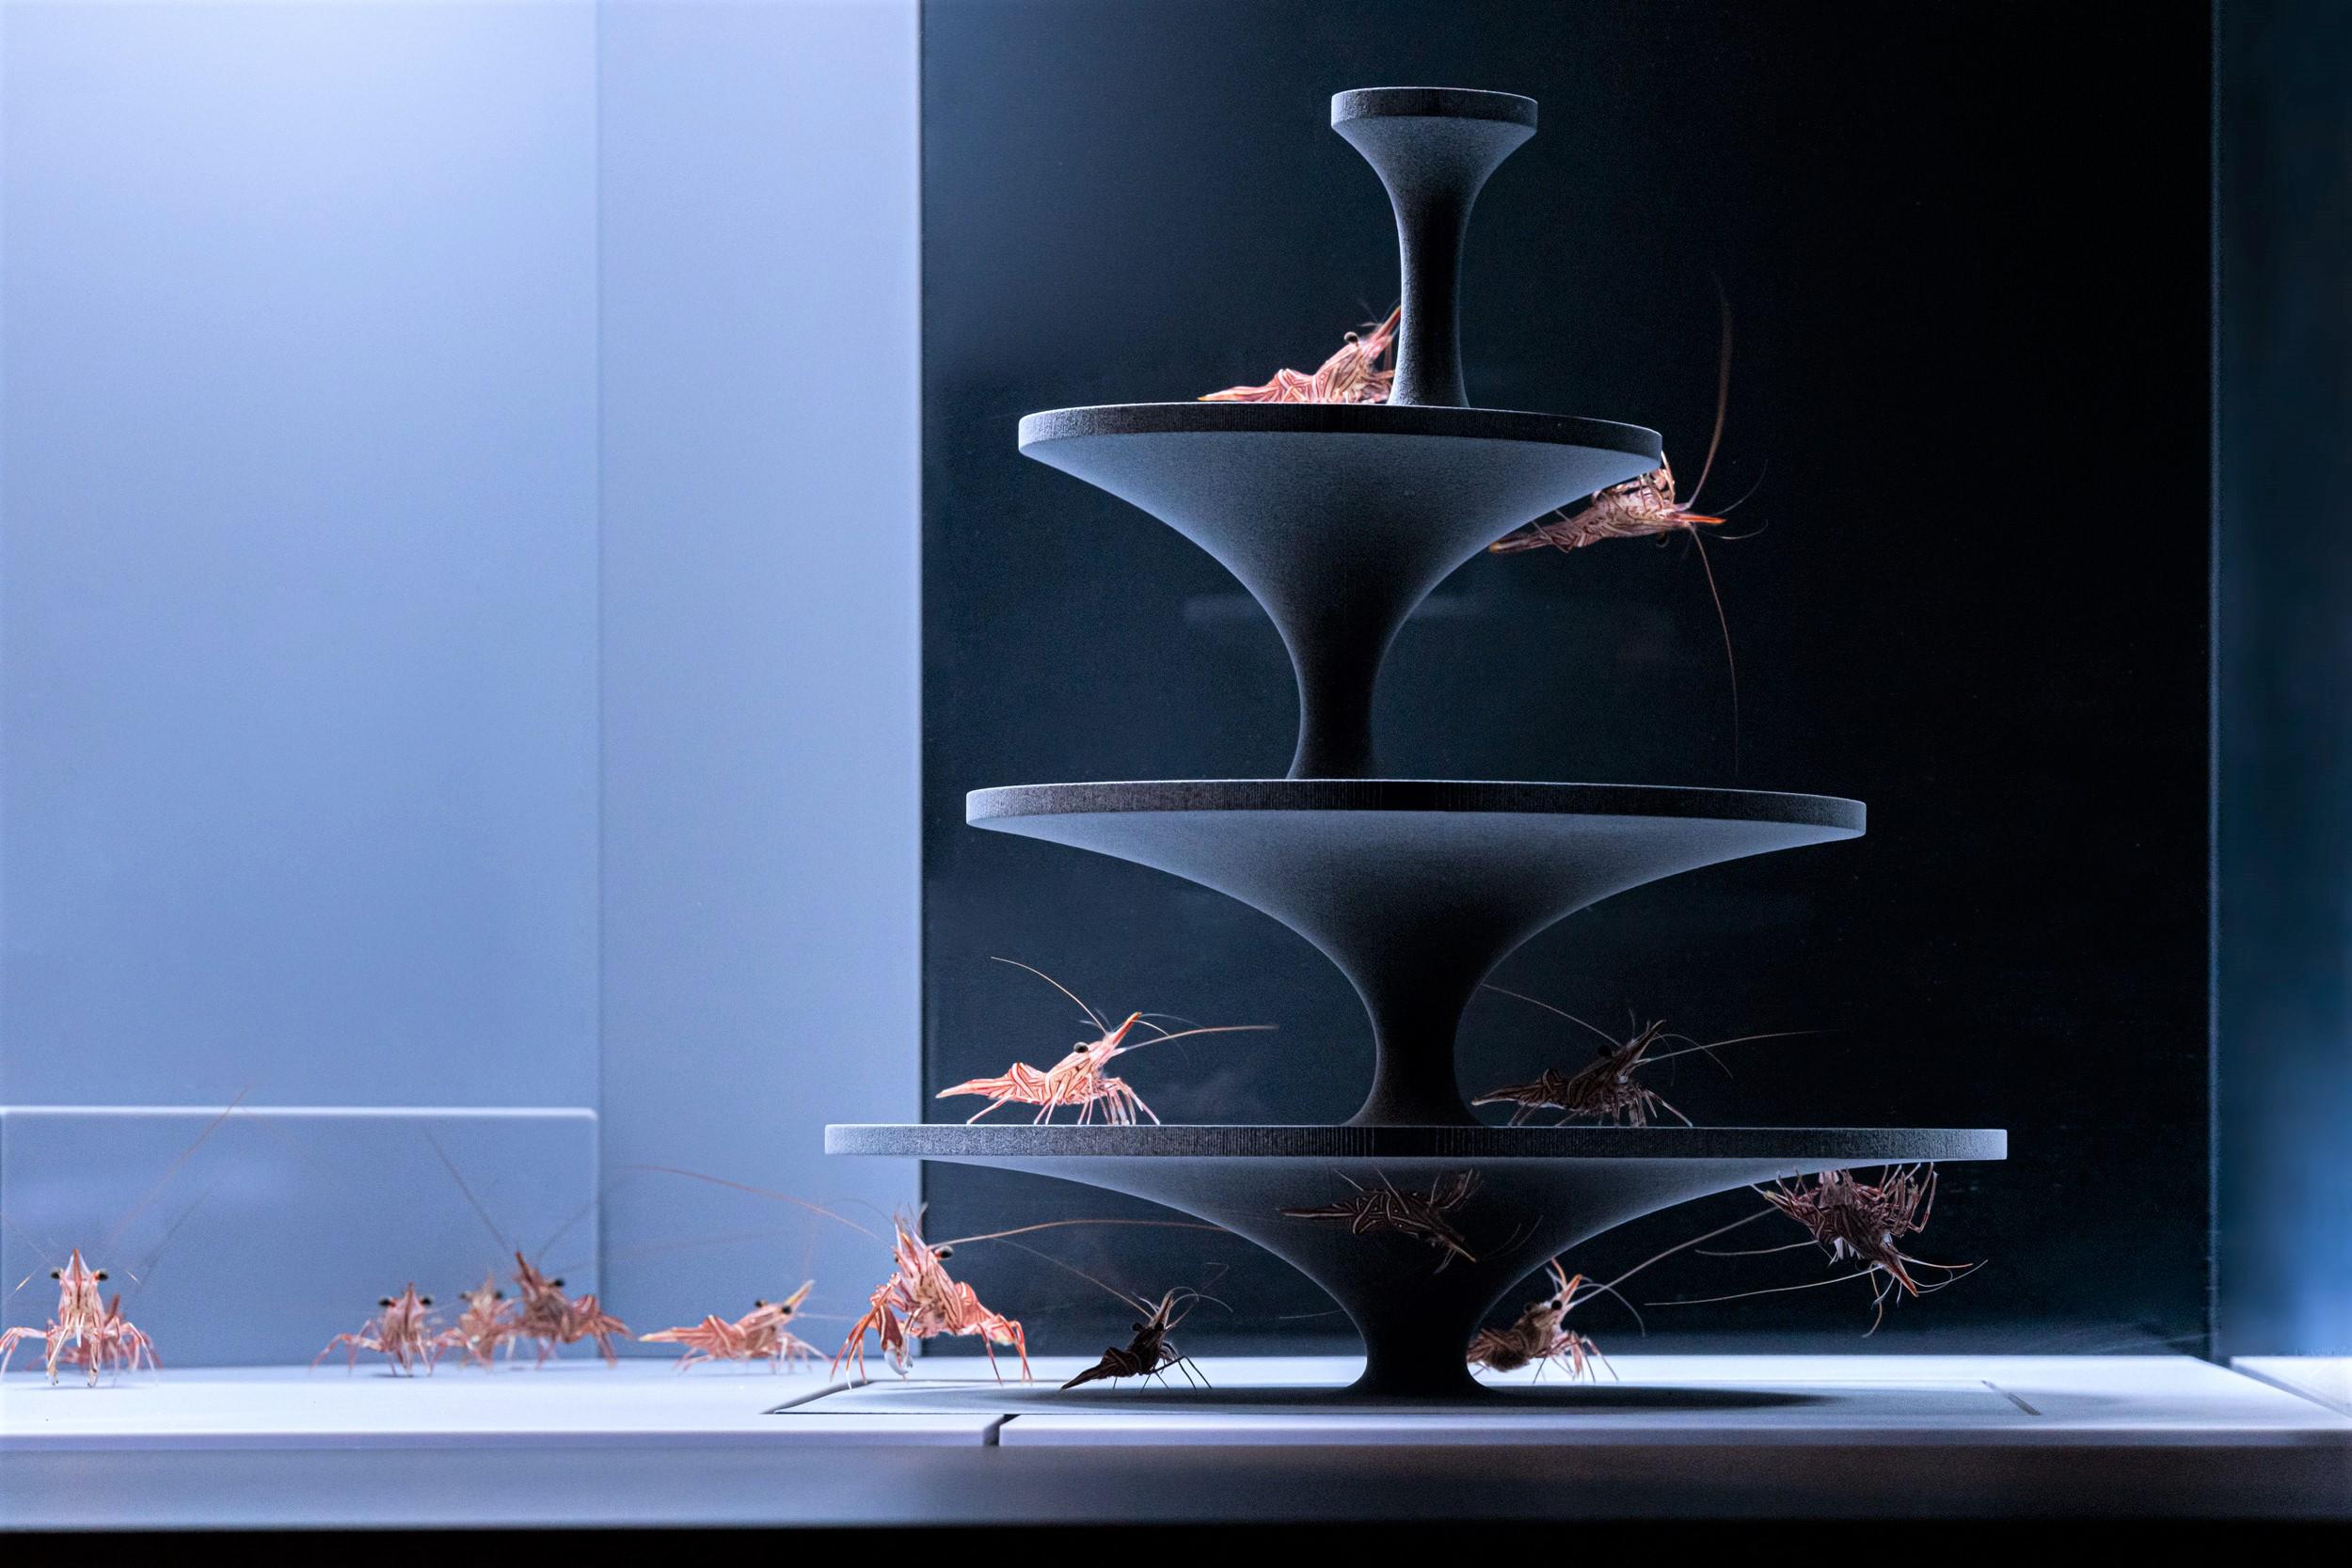 習性や生態からデザインされた企画展「カタチとくらし」が京都水族館にて開催中